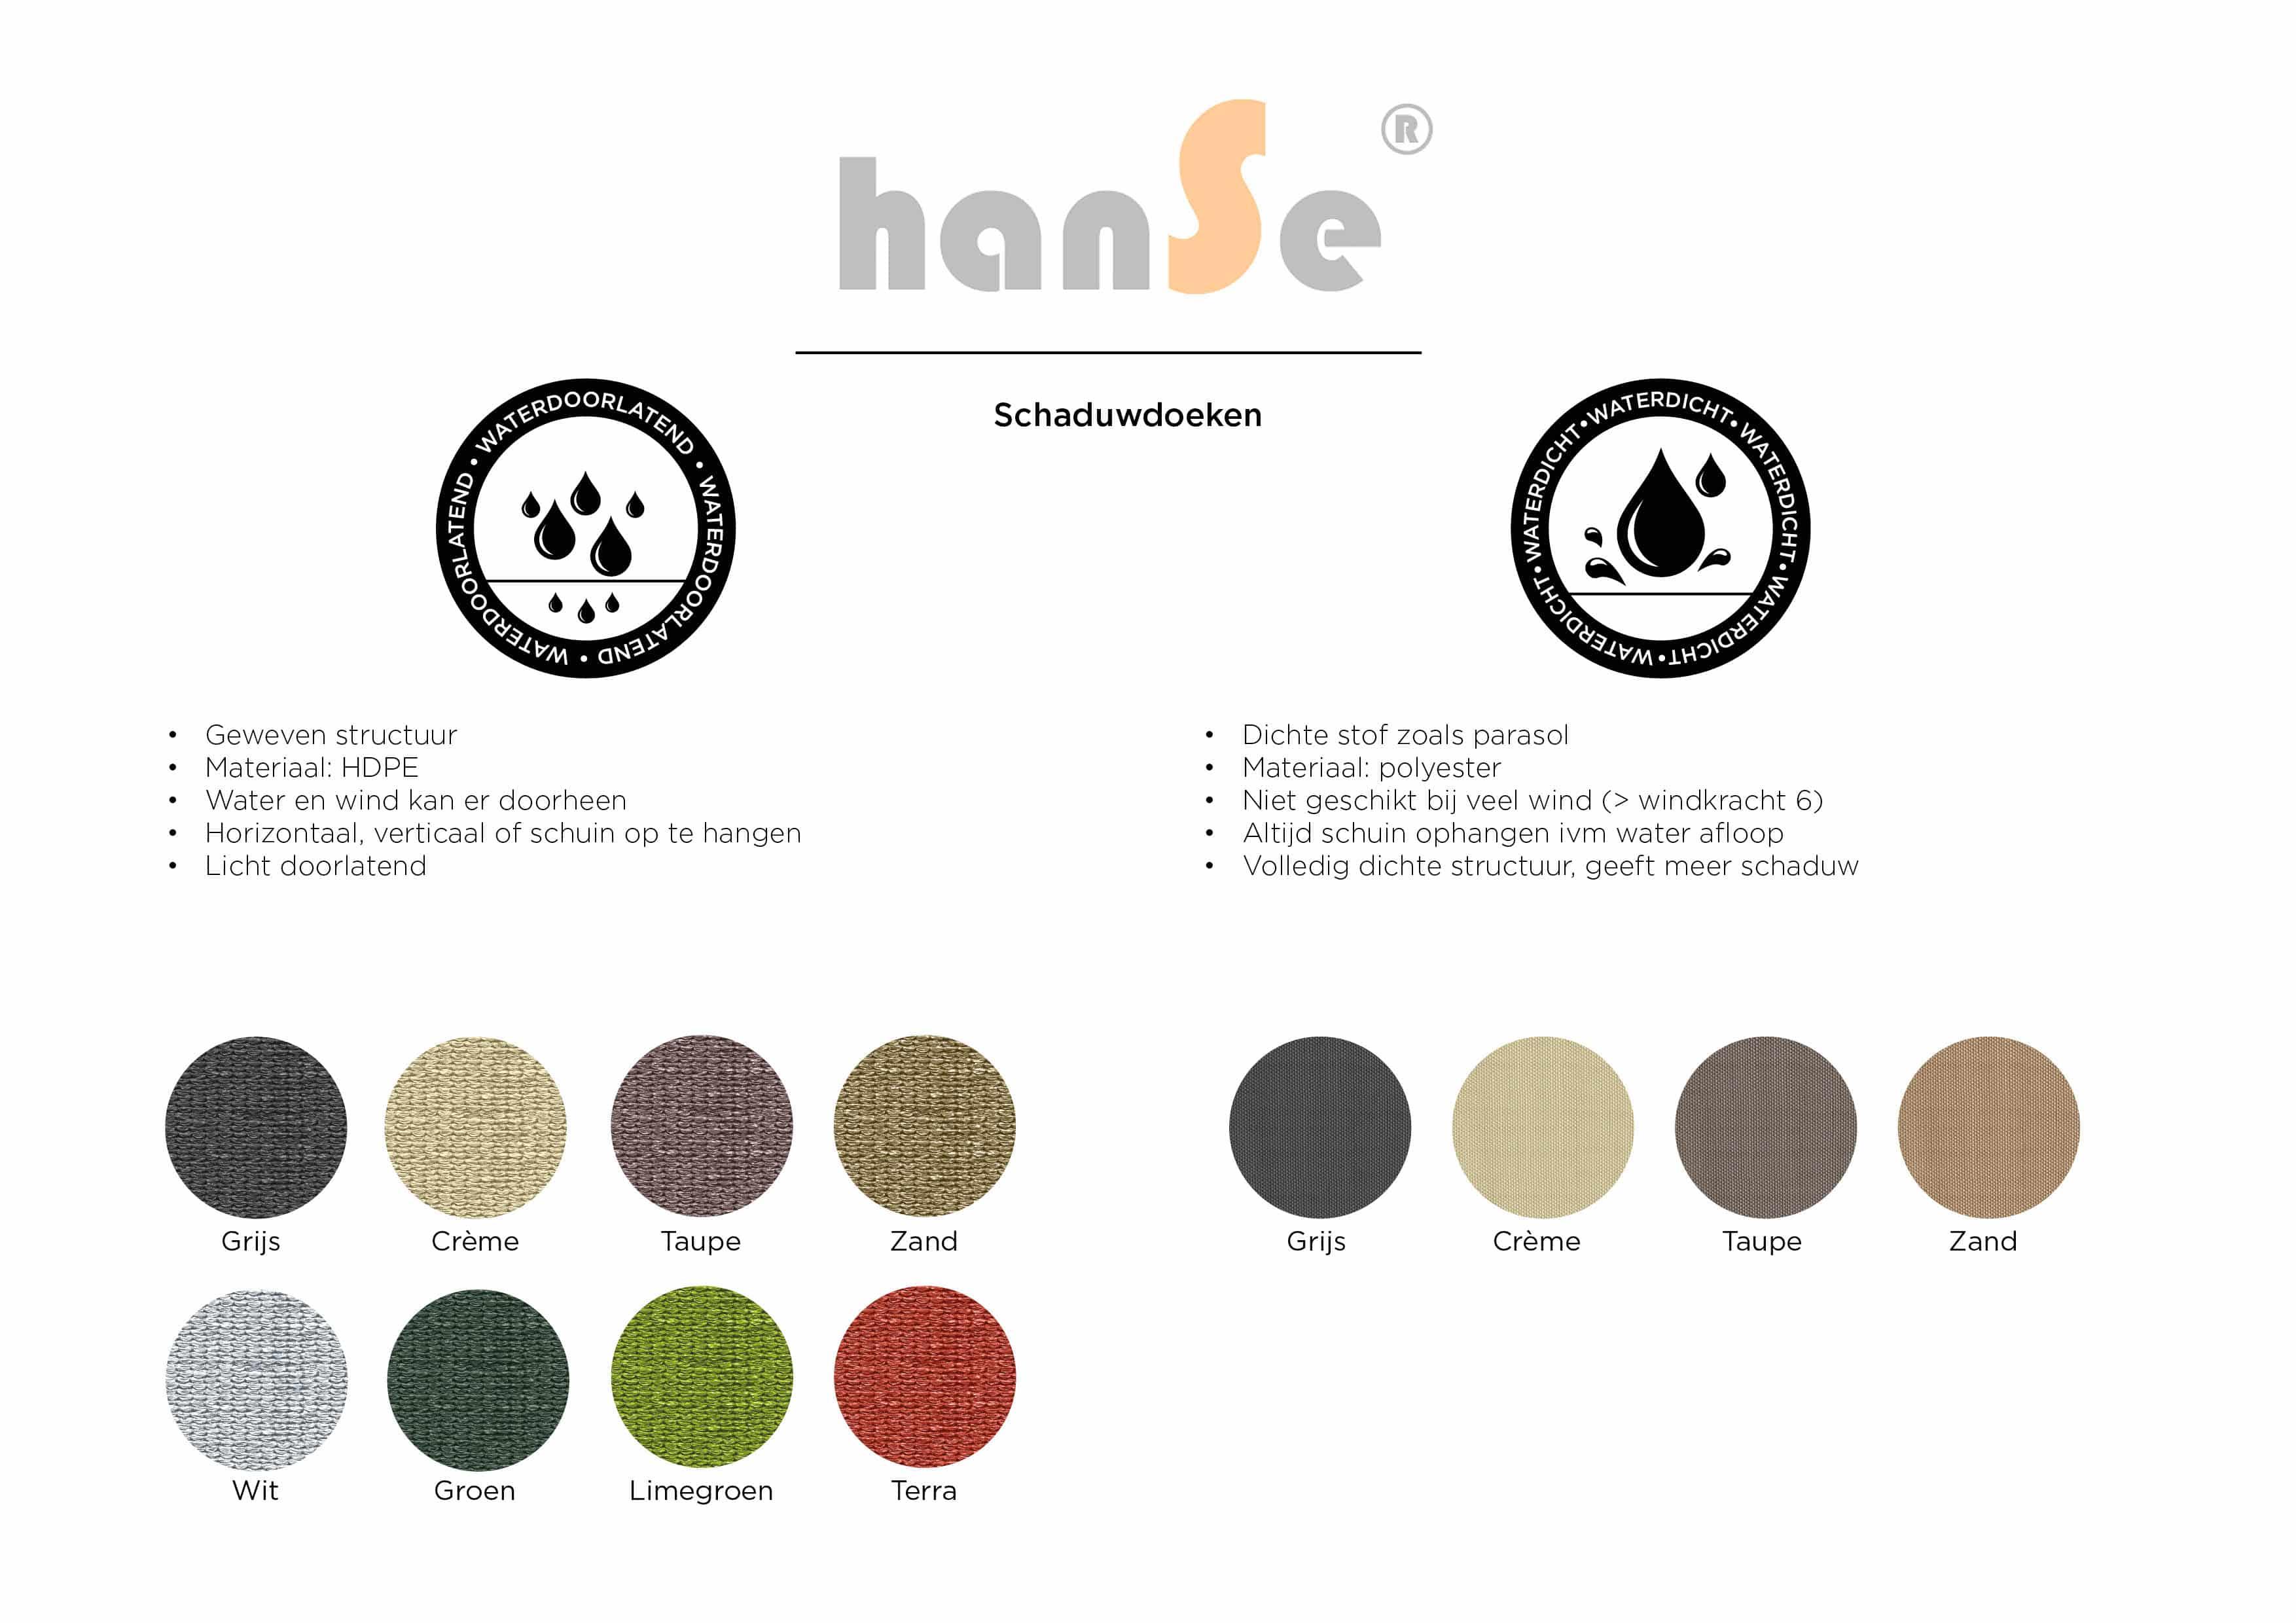 hanSe® Schaduwdoek Driehoek Waterdoorlatend 3,5x3,5x4,95 m - Creme